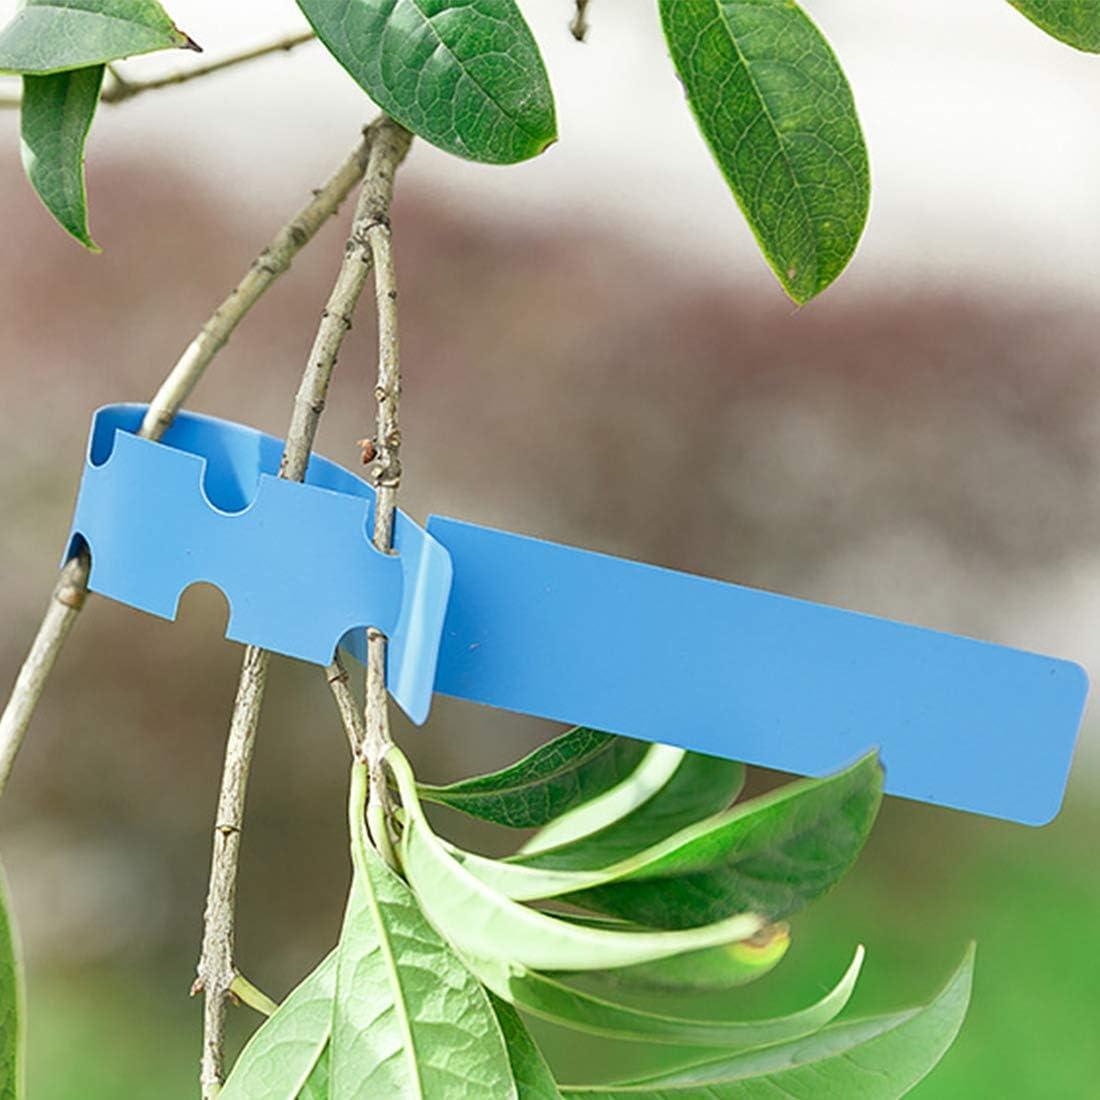 Livraison de Couleurs al/éatoires JINYANG Fournitures horticoles 50 PCS /Étiquette Imperm/éable Floral Plant Label /Étiquette de Jardinage